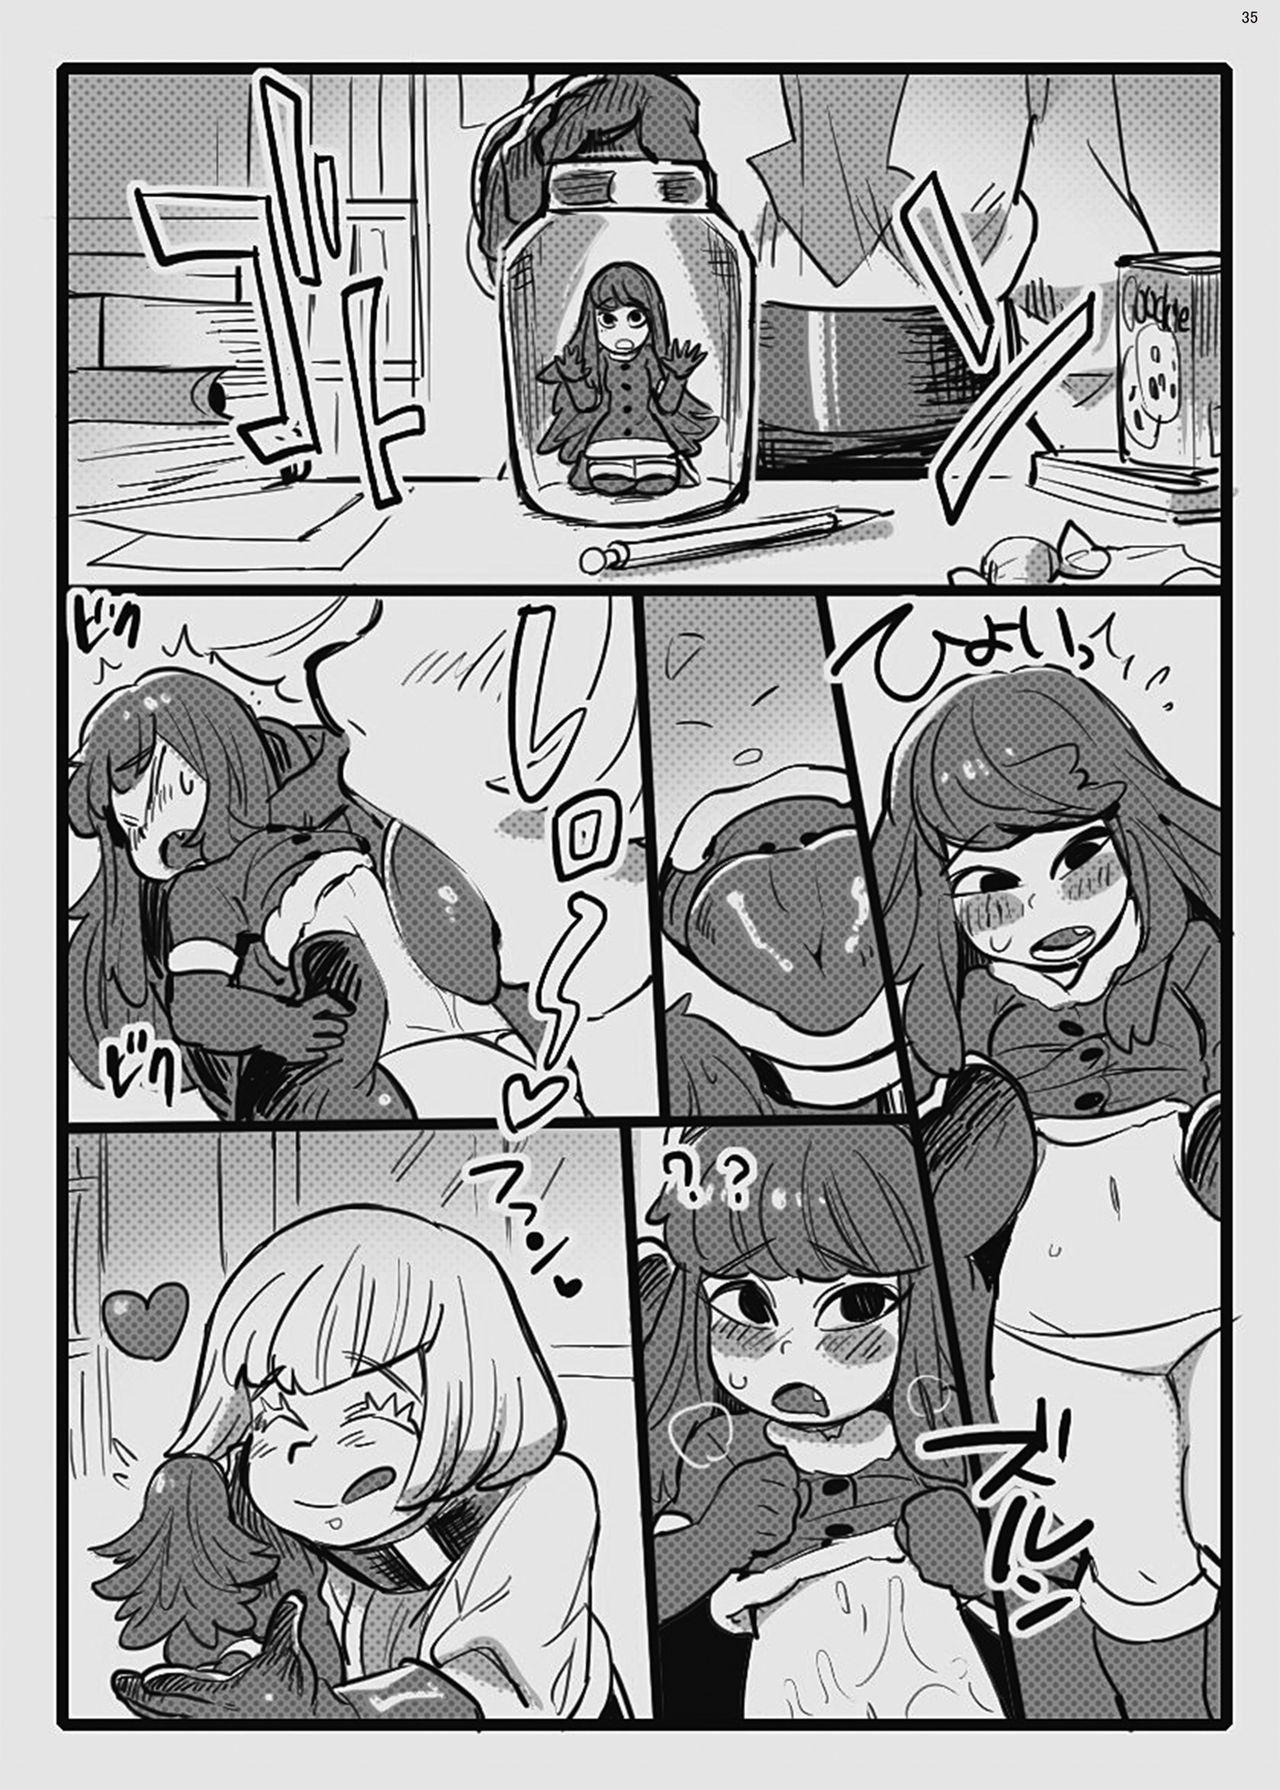 Jintai Shukushou Goudoushi | Body Shrink Joint Comic 33